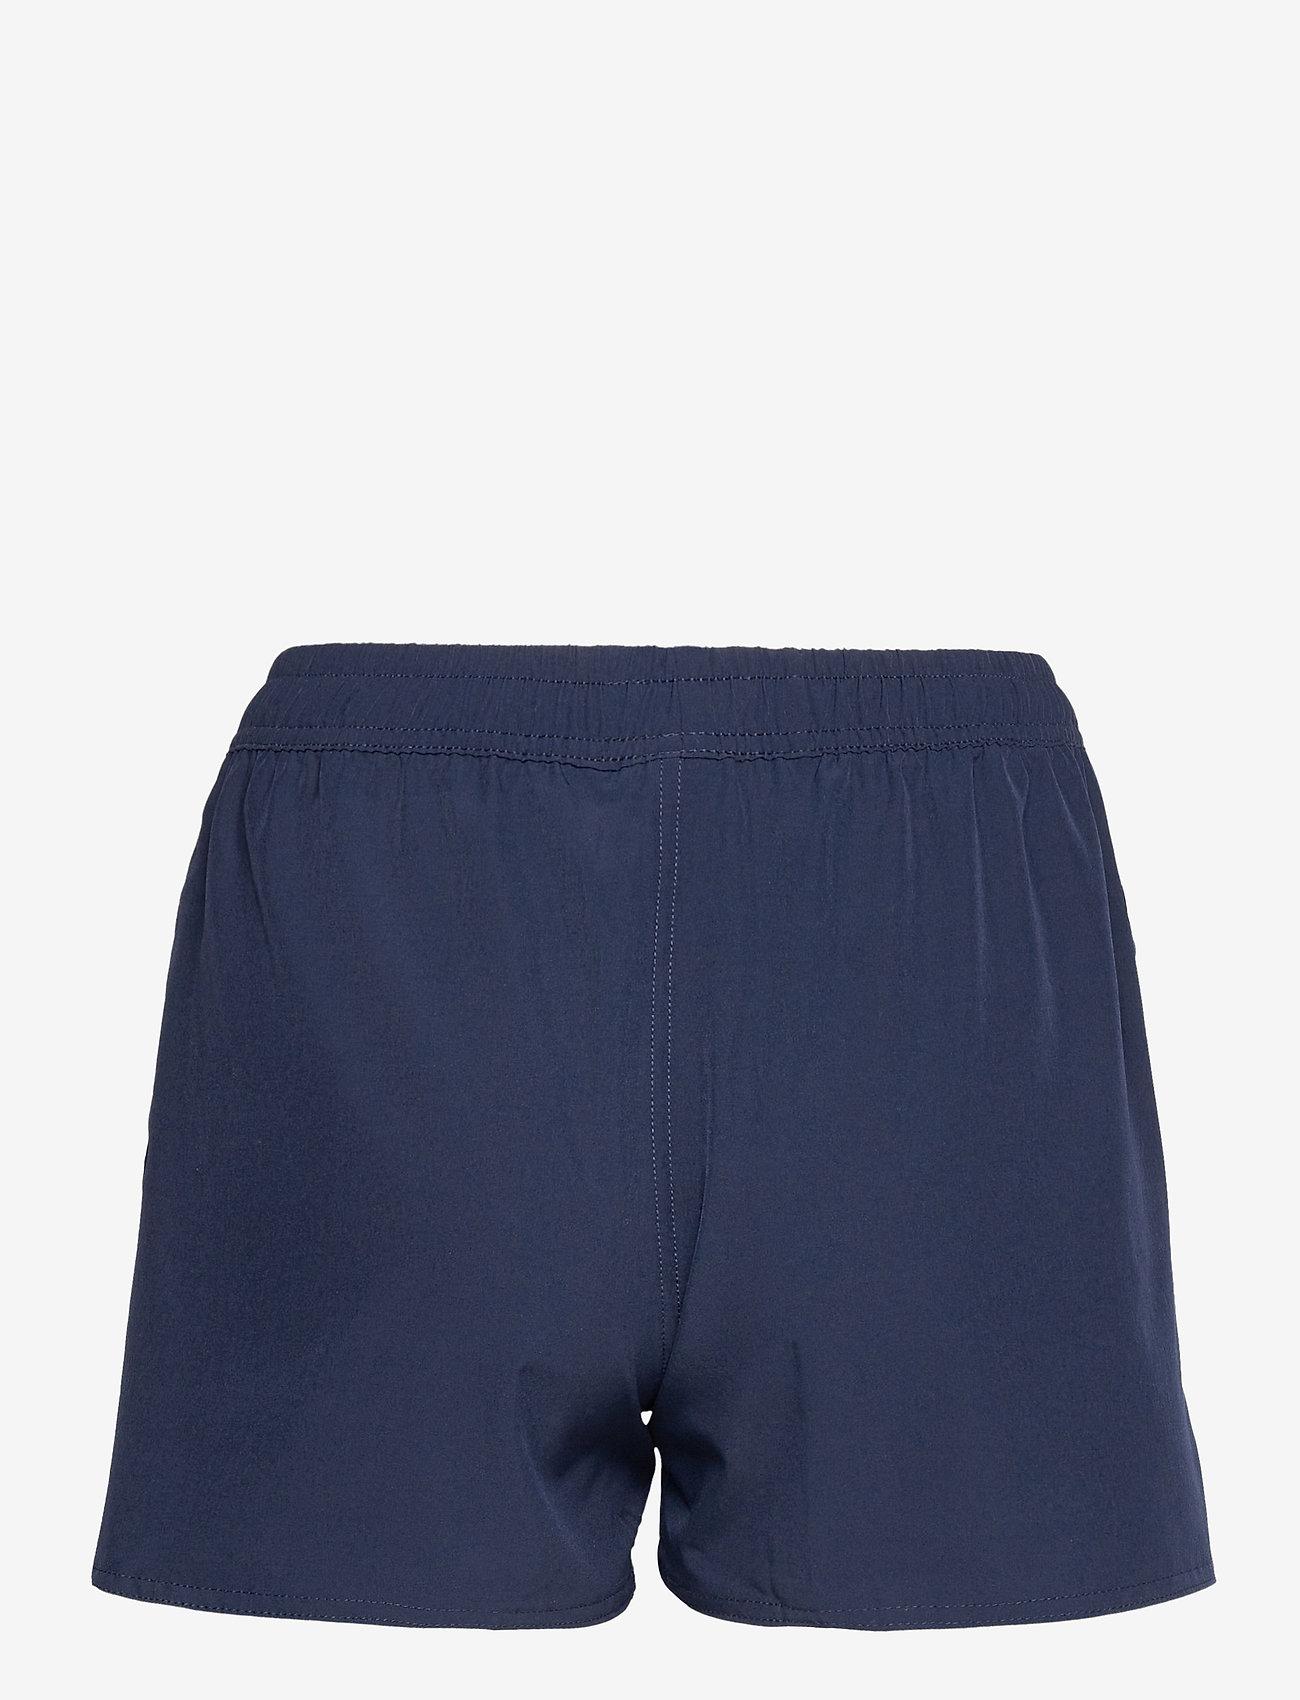 Panos Emporio - PANOS EMPORIO LUCCA SOLID SHORTS - shorts casual - navy - 1